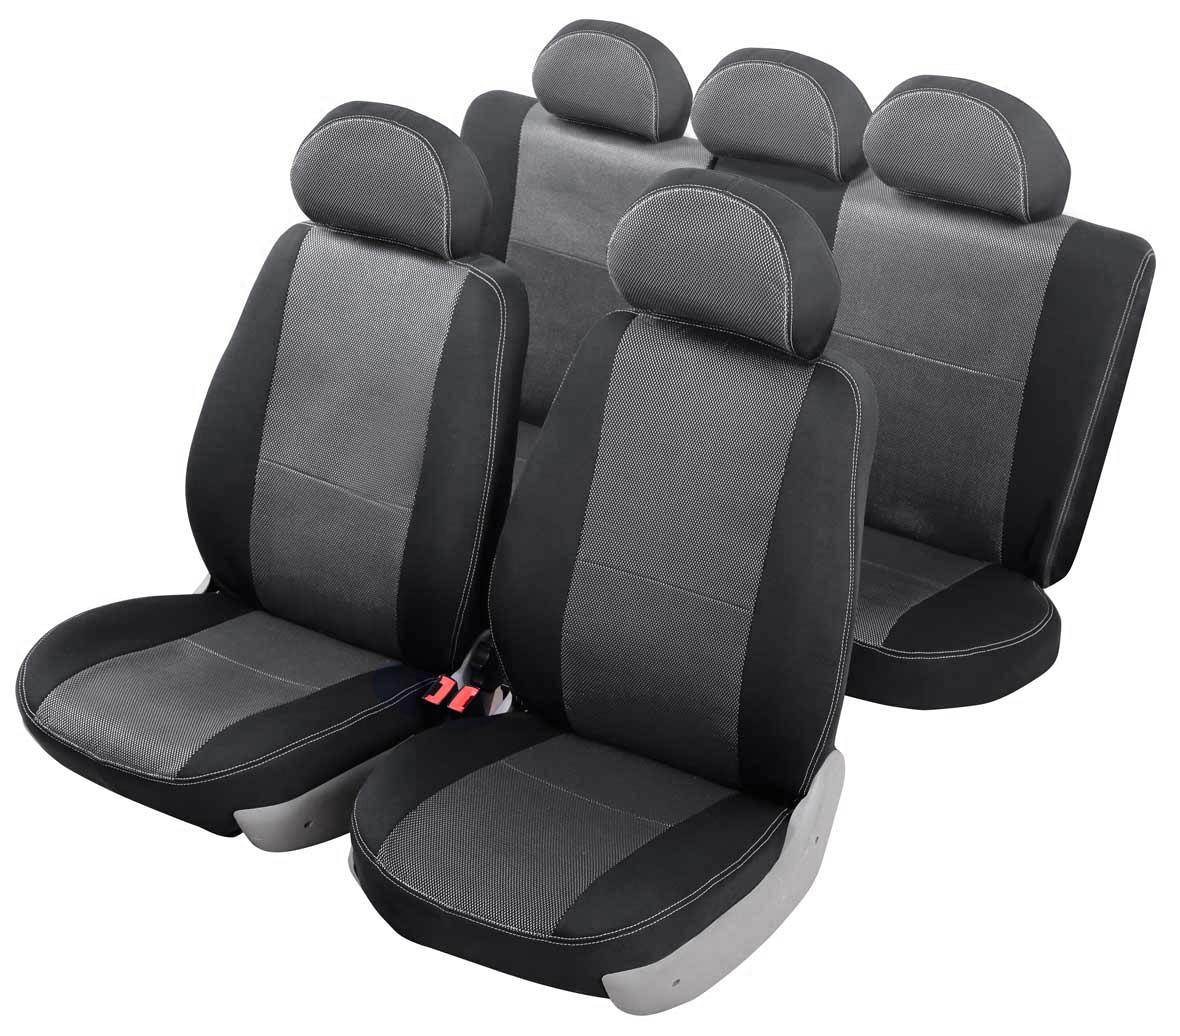 Чехол на автомобильное кресло Senator Dakkar VW POLO 2009-н.в. сед., слит.зад.ряд, цвет: черныйS3010181Разработаны в РФ индивидуально для каждой модели автомобиля. Чехлы Senator Dakkar серийно выпускаются на собственном швейном производстве в России. Чехлы идеально повторяют штатную форму сидений и выглядят как оригинальная обивка сидений. Для простоты установки используется липучка Velcro, учтены все технологические отверстия. Чехлы сохраняют полную функциональность салона – трасформация сидений, возможность установки детских кресел ISOFIX, не препятствуют работе подушек безопасности AIRBAG и подогрева сидений. Дизайн чехлов Senator Dakkar приближен к оригинальной обивке салона. Чехлы имеют вставки из жаккарда по центру переднего сиденья и на подголовниках. Декоративная контрастная прострочка по периметру авточехлов придает стильный и изысканный внешний вид интерьеру автомобиля. Чехлы Senator Dakkar изготовлены из сверхпрочного жаккарда, триплированного огнеупорным поролоном толщиной 3 мм, за счет чего чехол приобретает дополнительную мягкость. Подложка из спандбонда сохраняет...